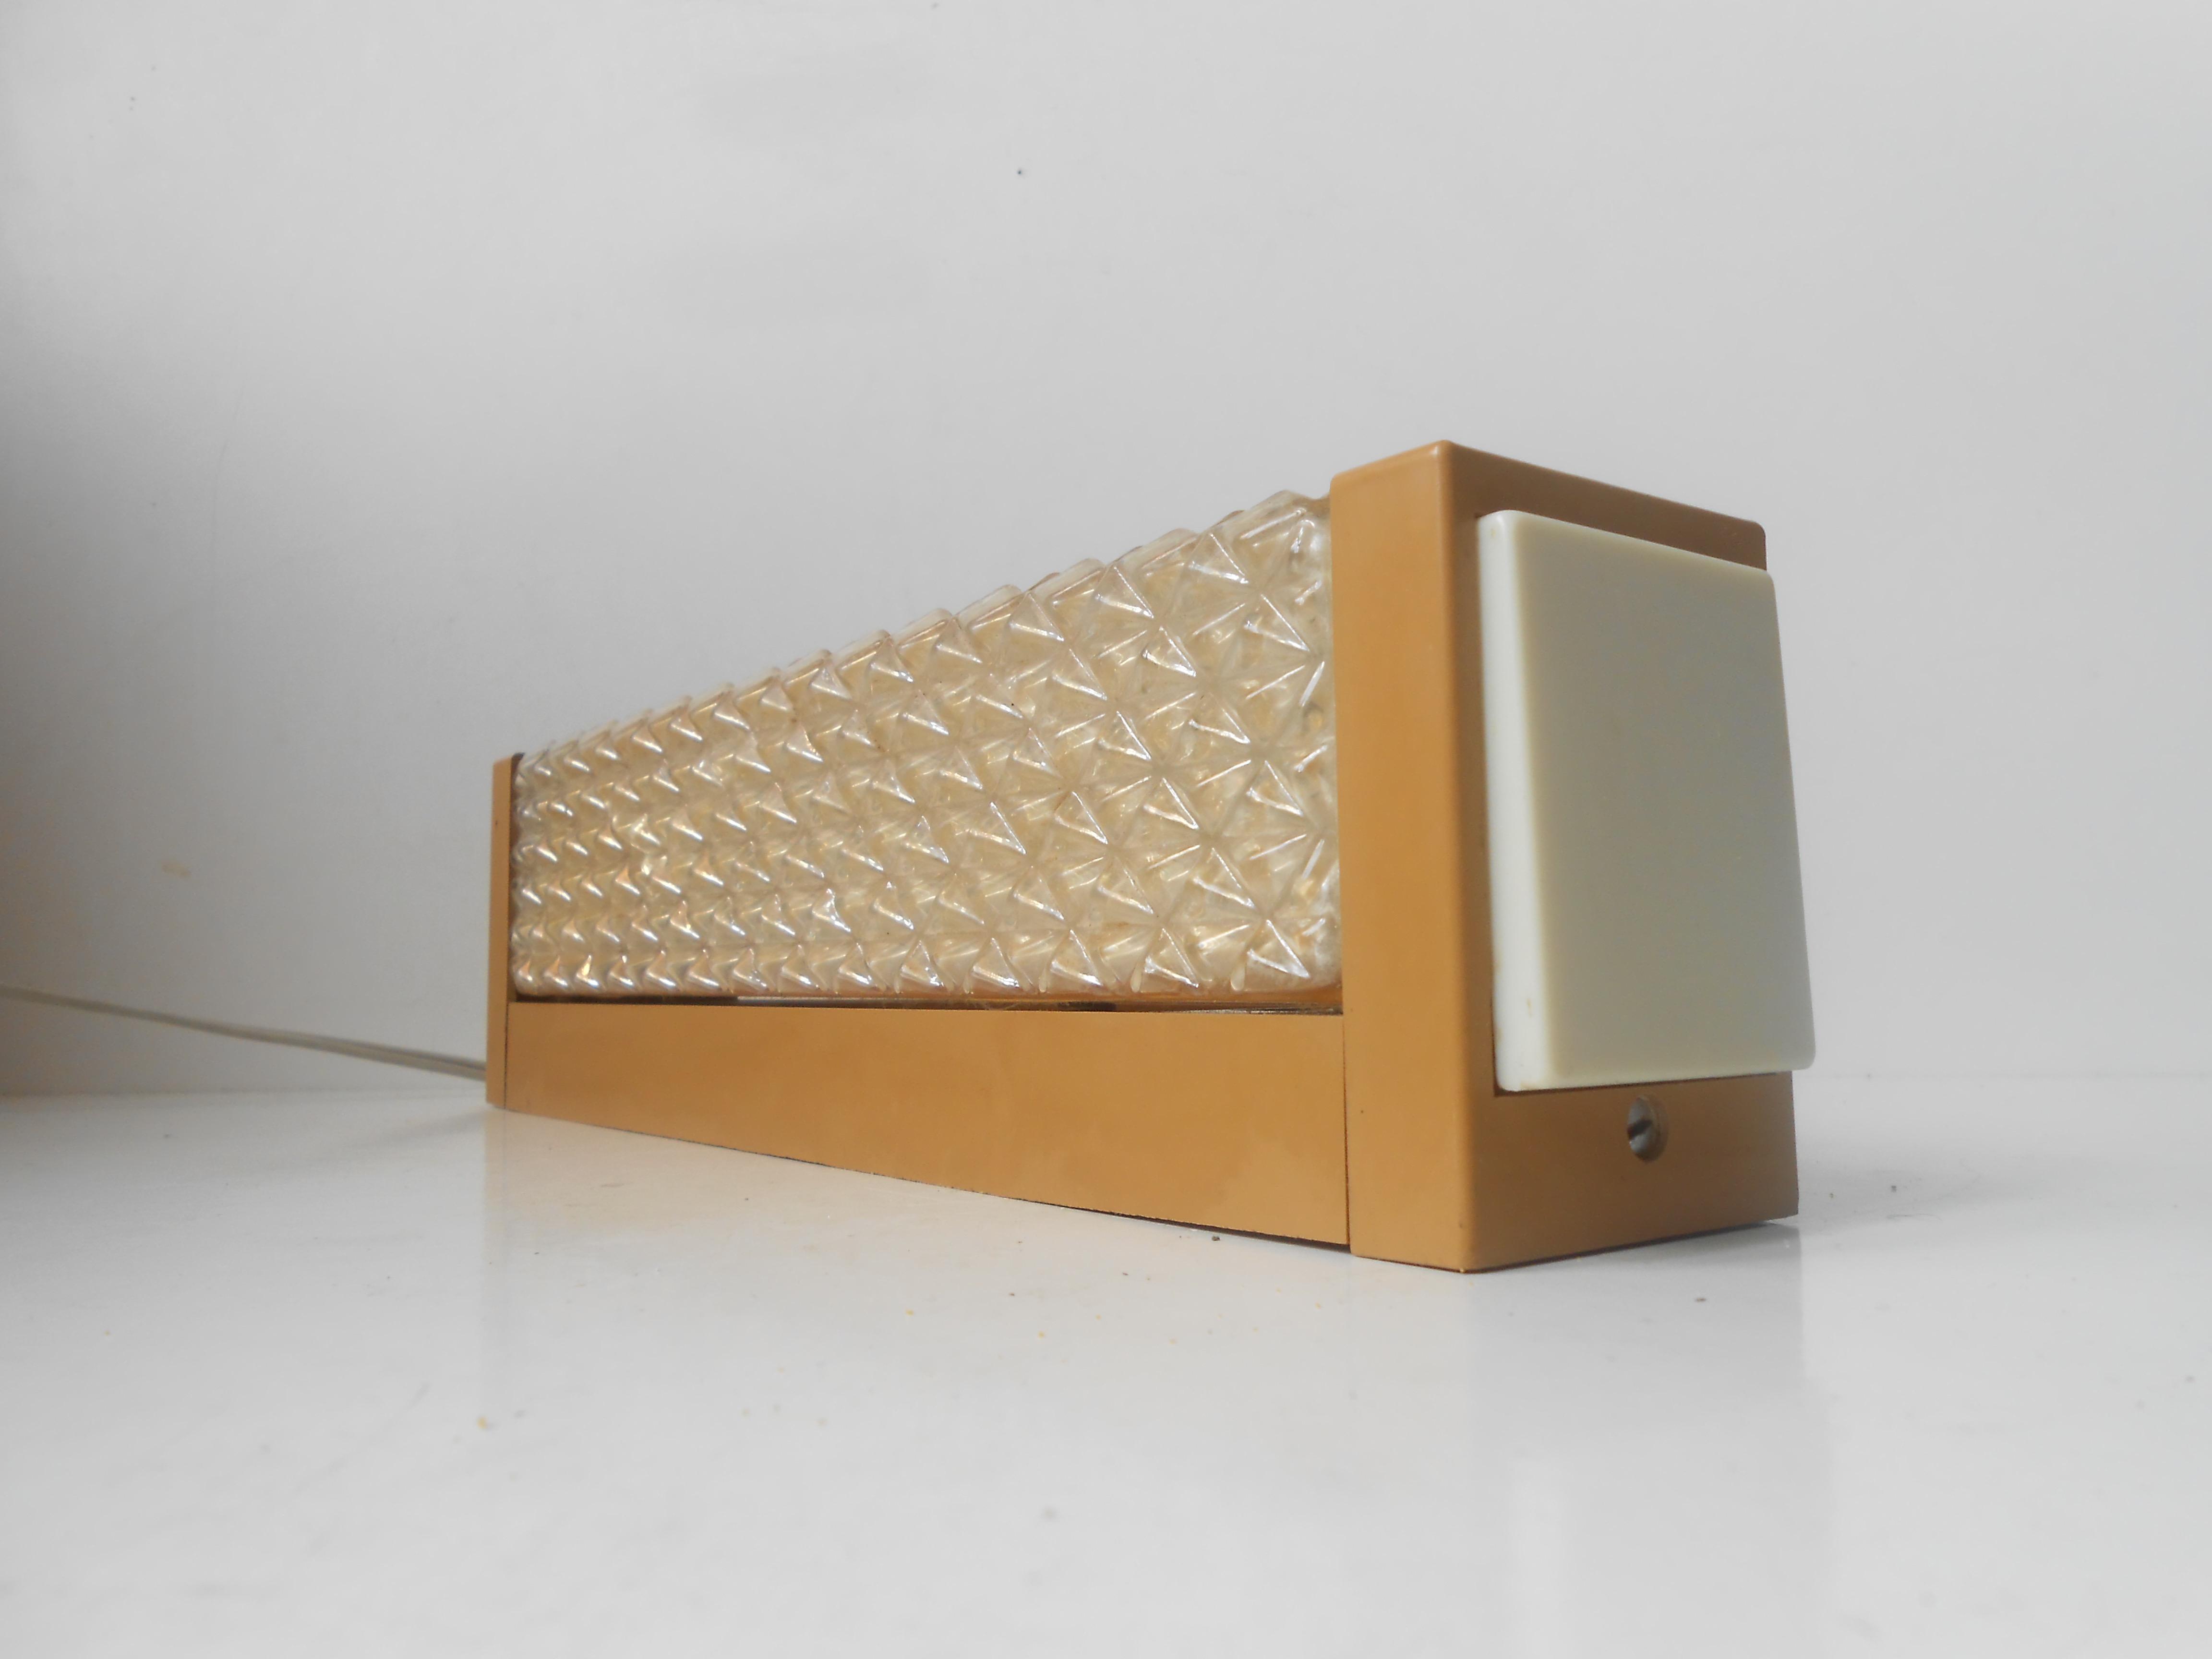 Vitrika v u00e6glampe u2013 sengelampe dansk design 1960 u2019erne